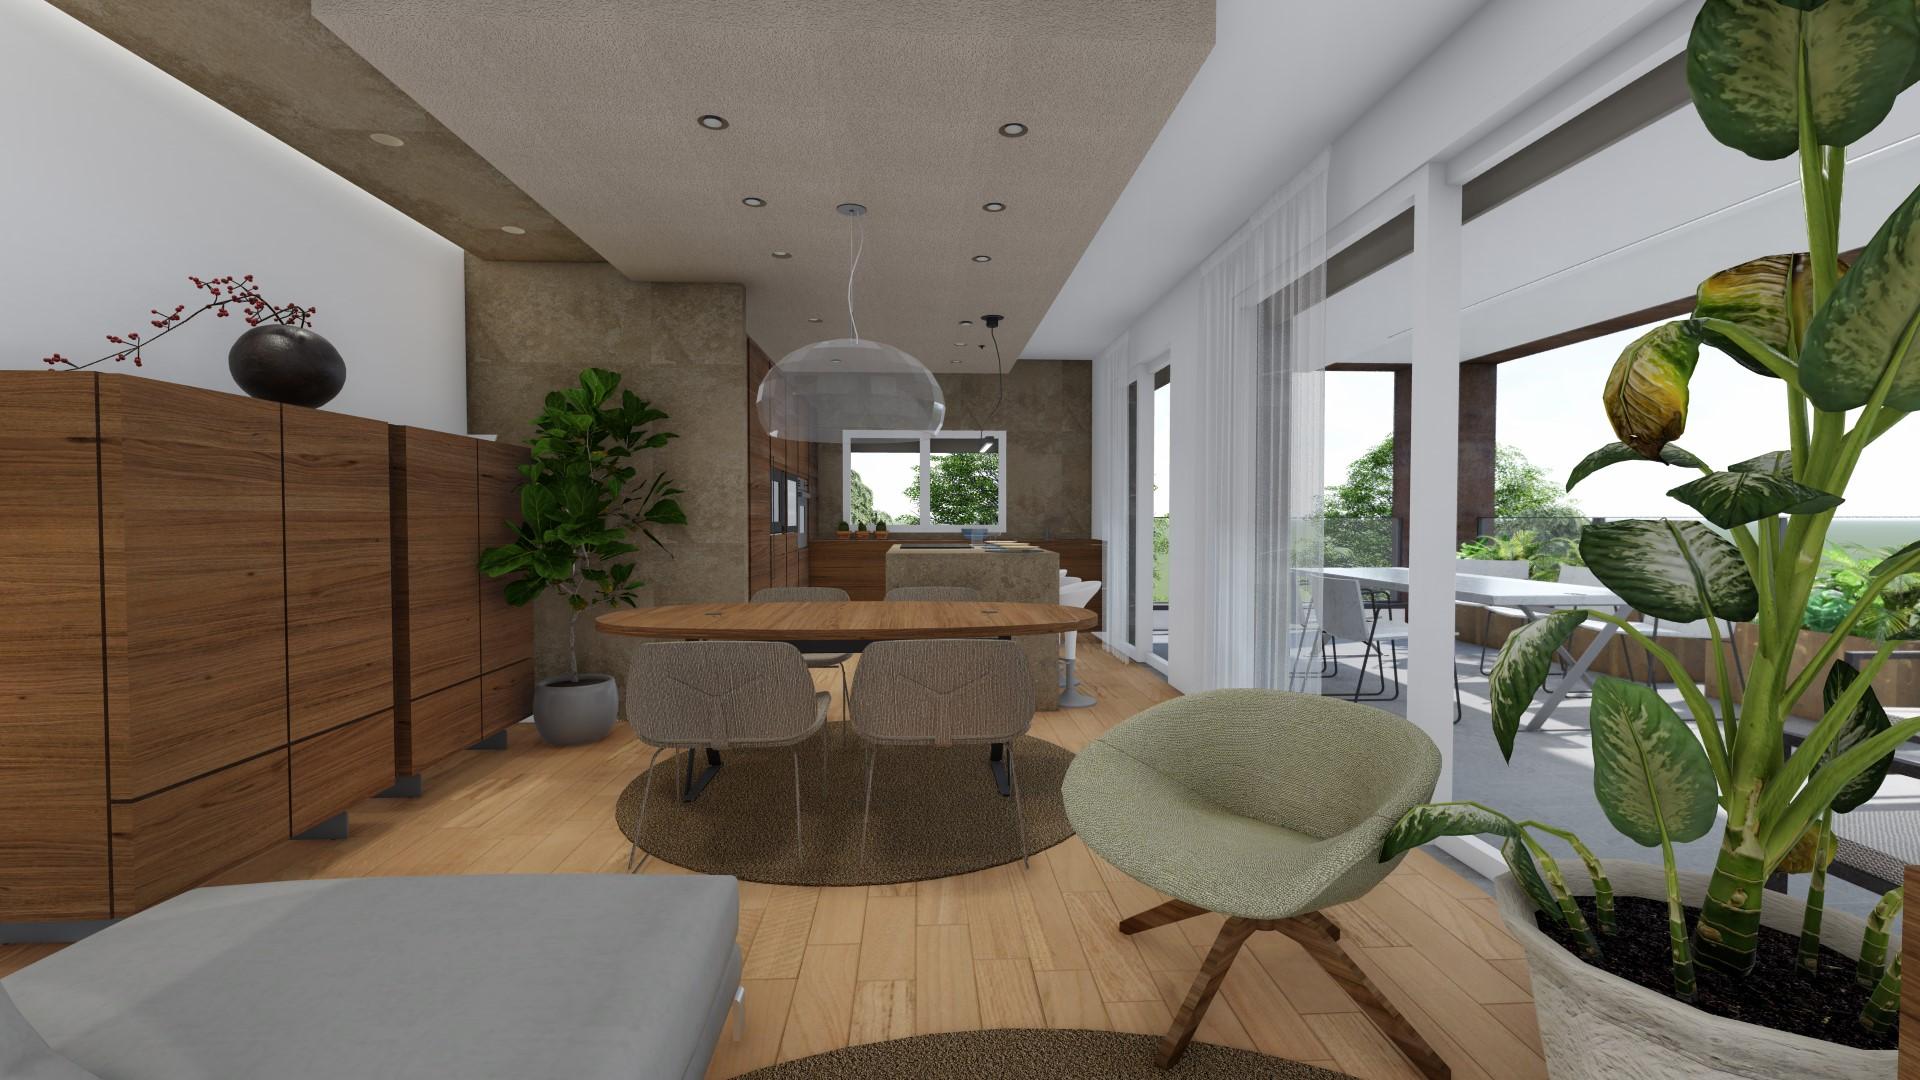 appartamenti 4 locali a Treviglio - zona living